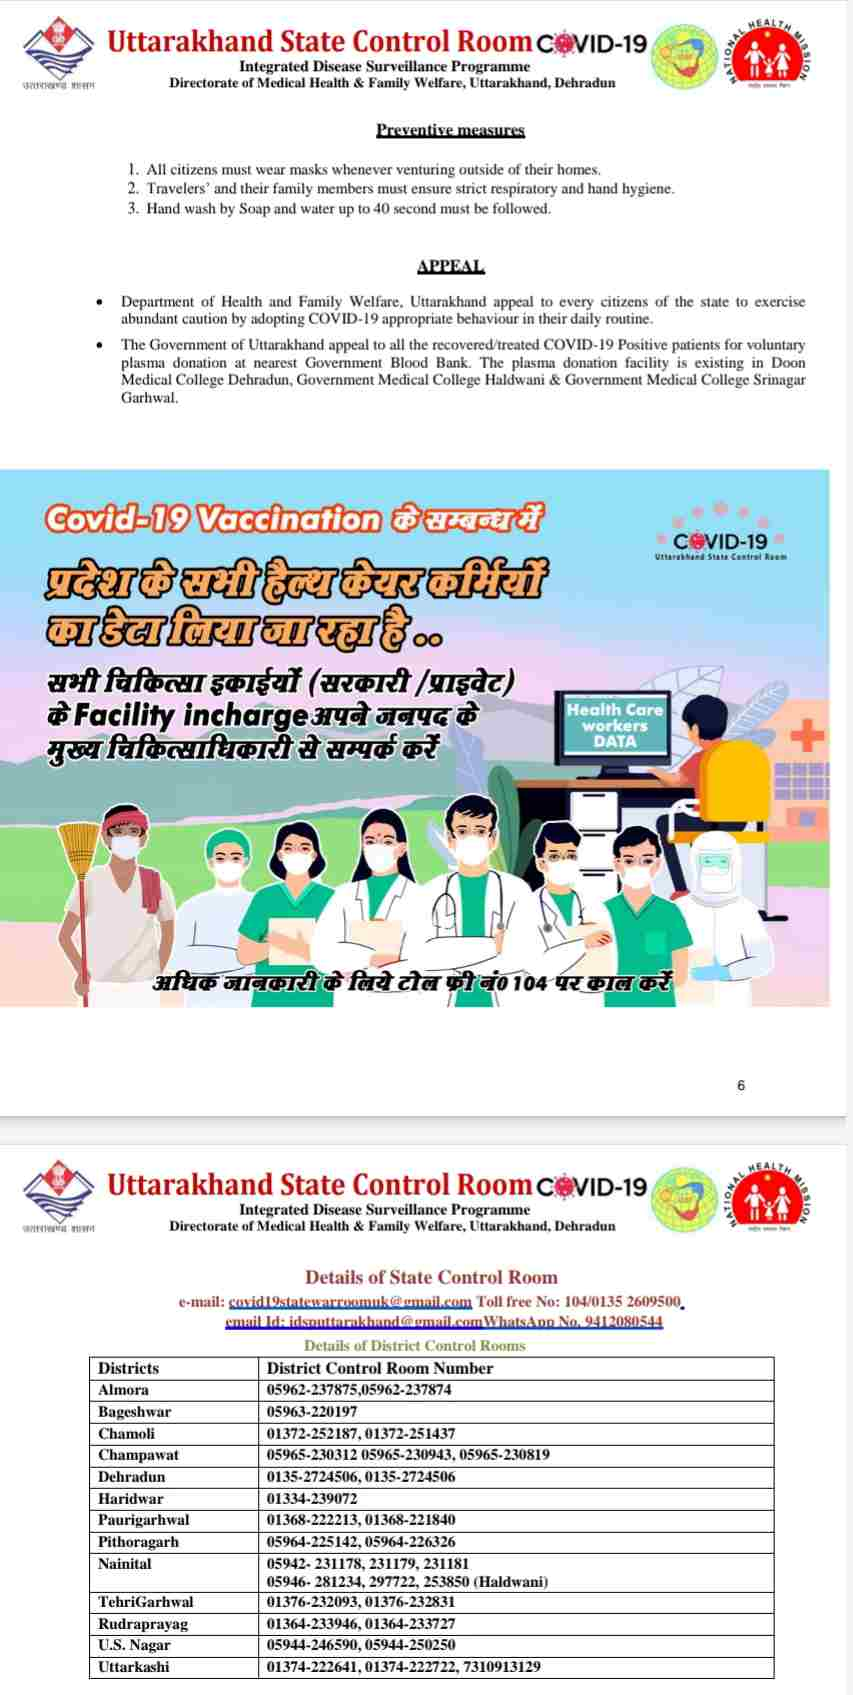 कोरोना बुलेटिन: उत्तराखंड में आज 13 लोगों की मौत, 374 नए कोविड-19 मरीज़, 416 हुए आज स्वास्थ्य 5